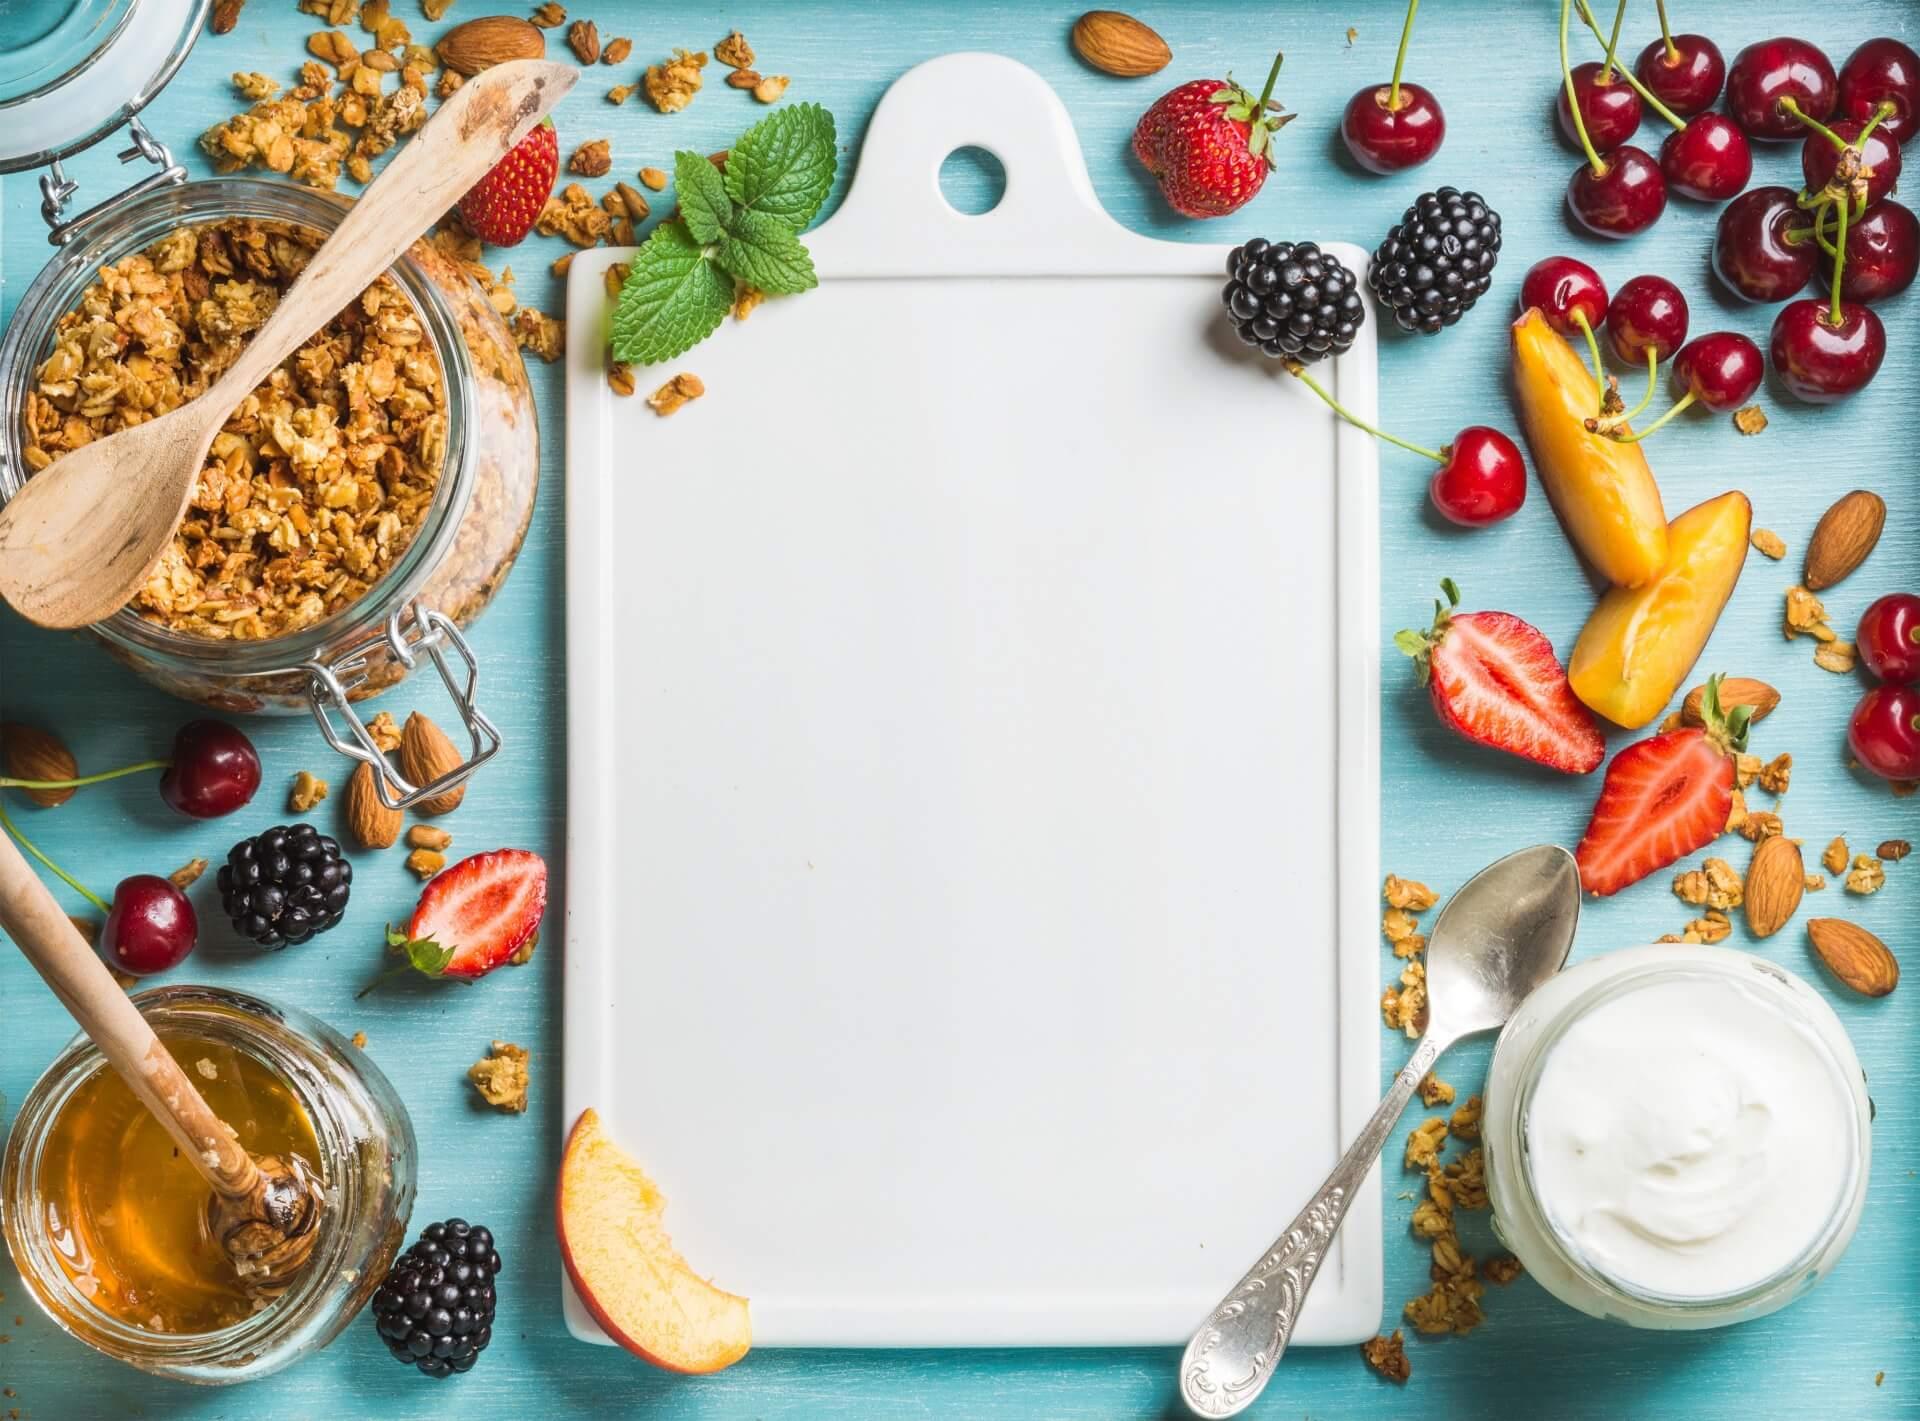 Best Berry, conheça os desafios e dicas do clube de assinaturas saudável